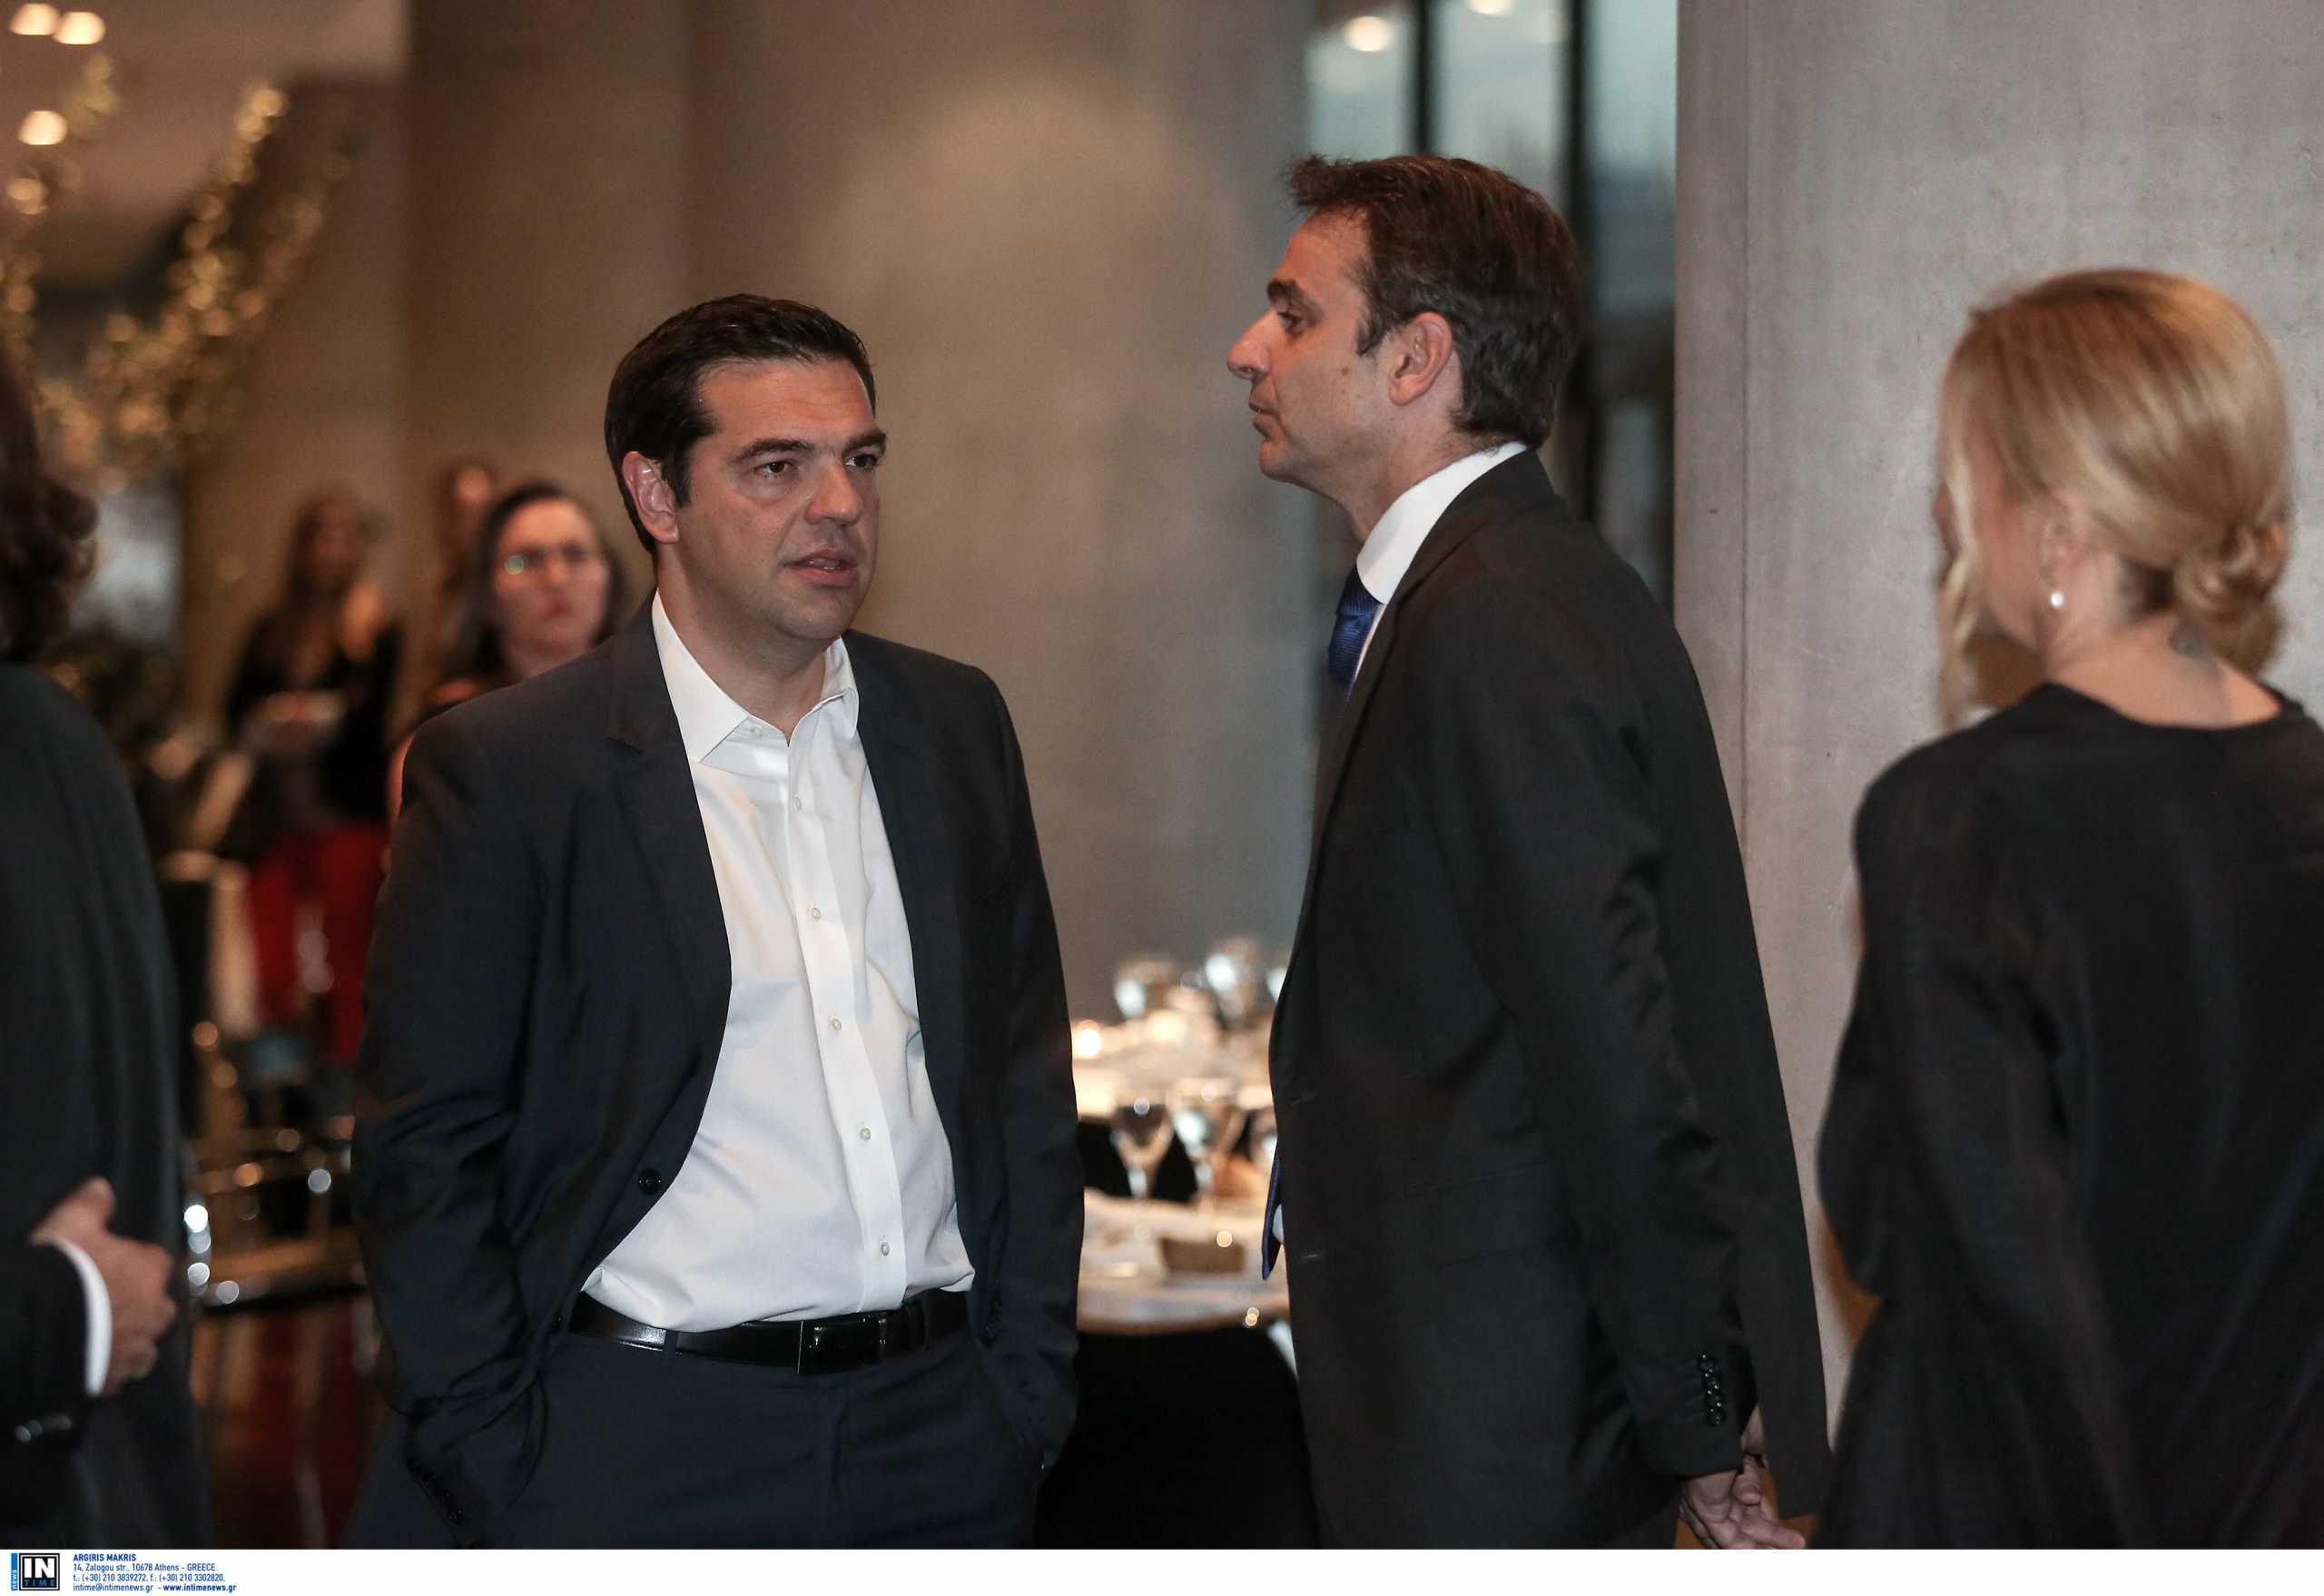 ΣΥΡΙΖΑ: Ο Μητσοτάκης να αφήσει τα δακρύβρεχτα περί στοχοποίησης και να απαντήσει επί της ουσίας